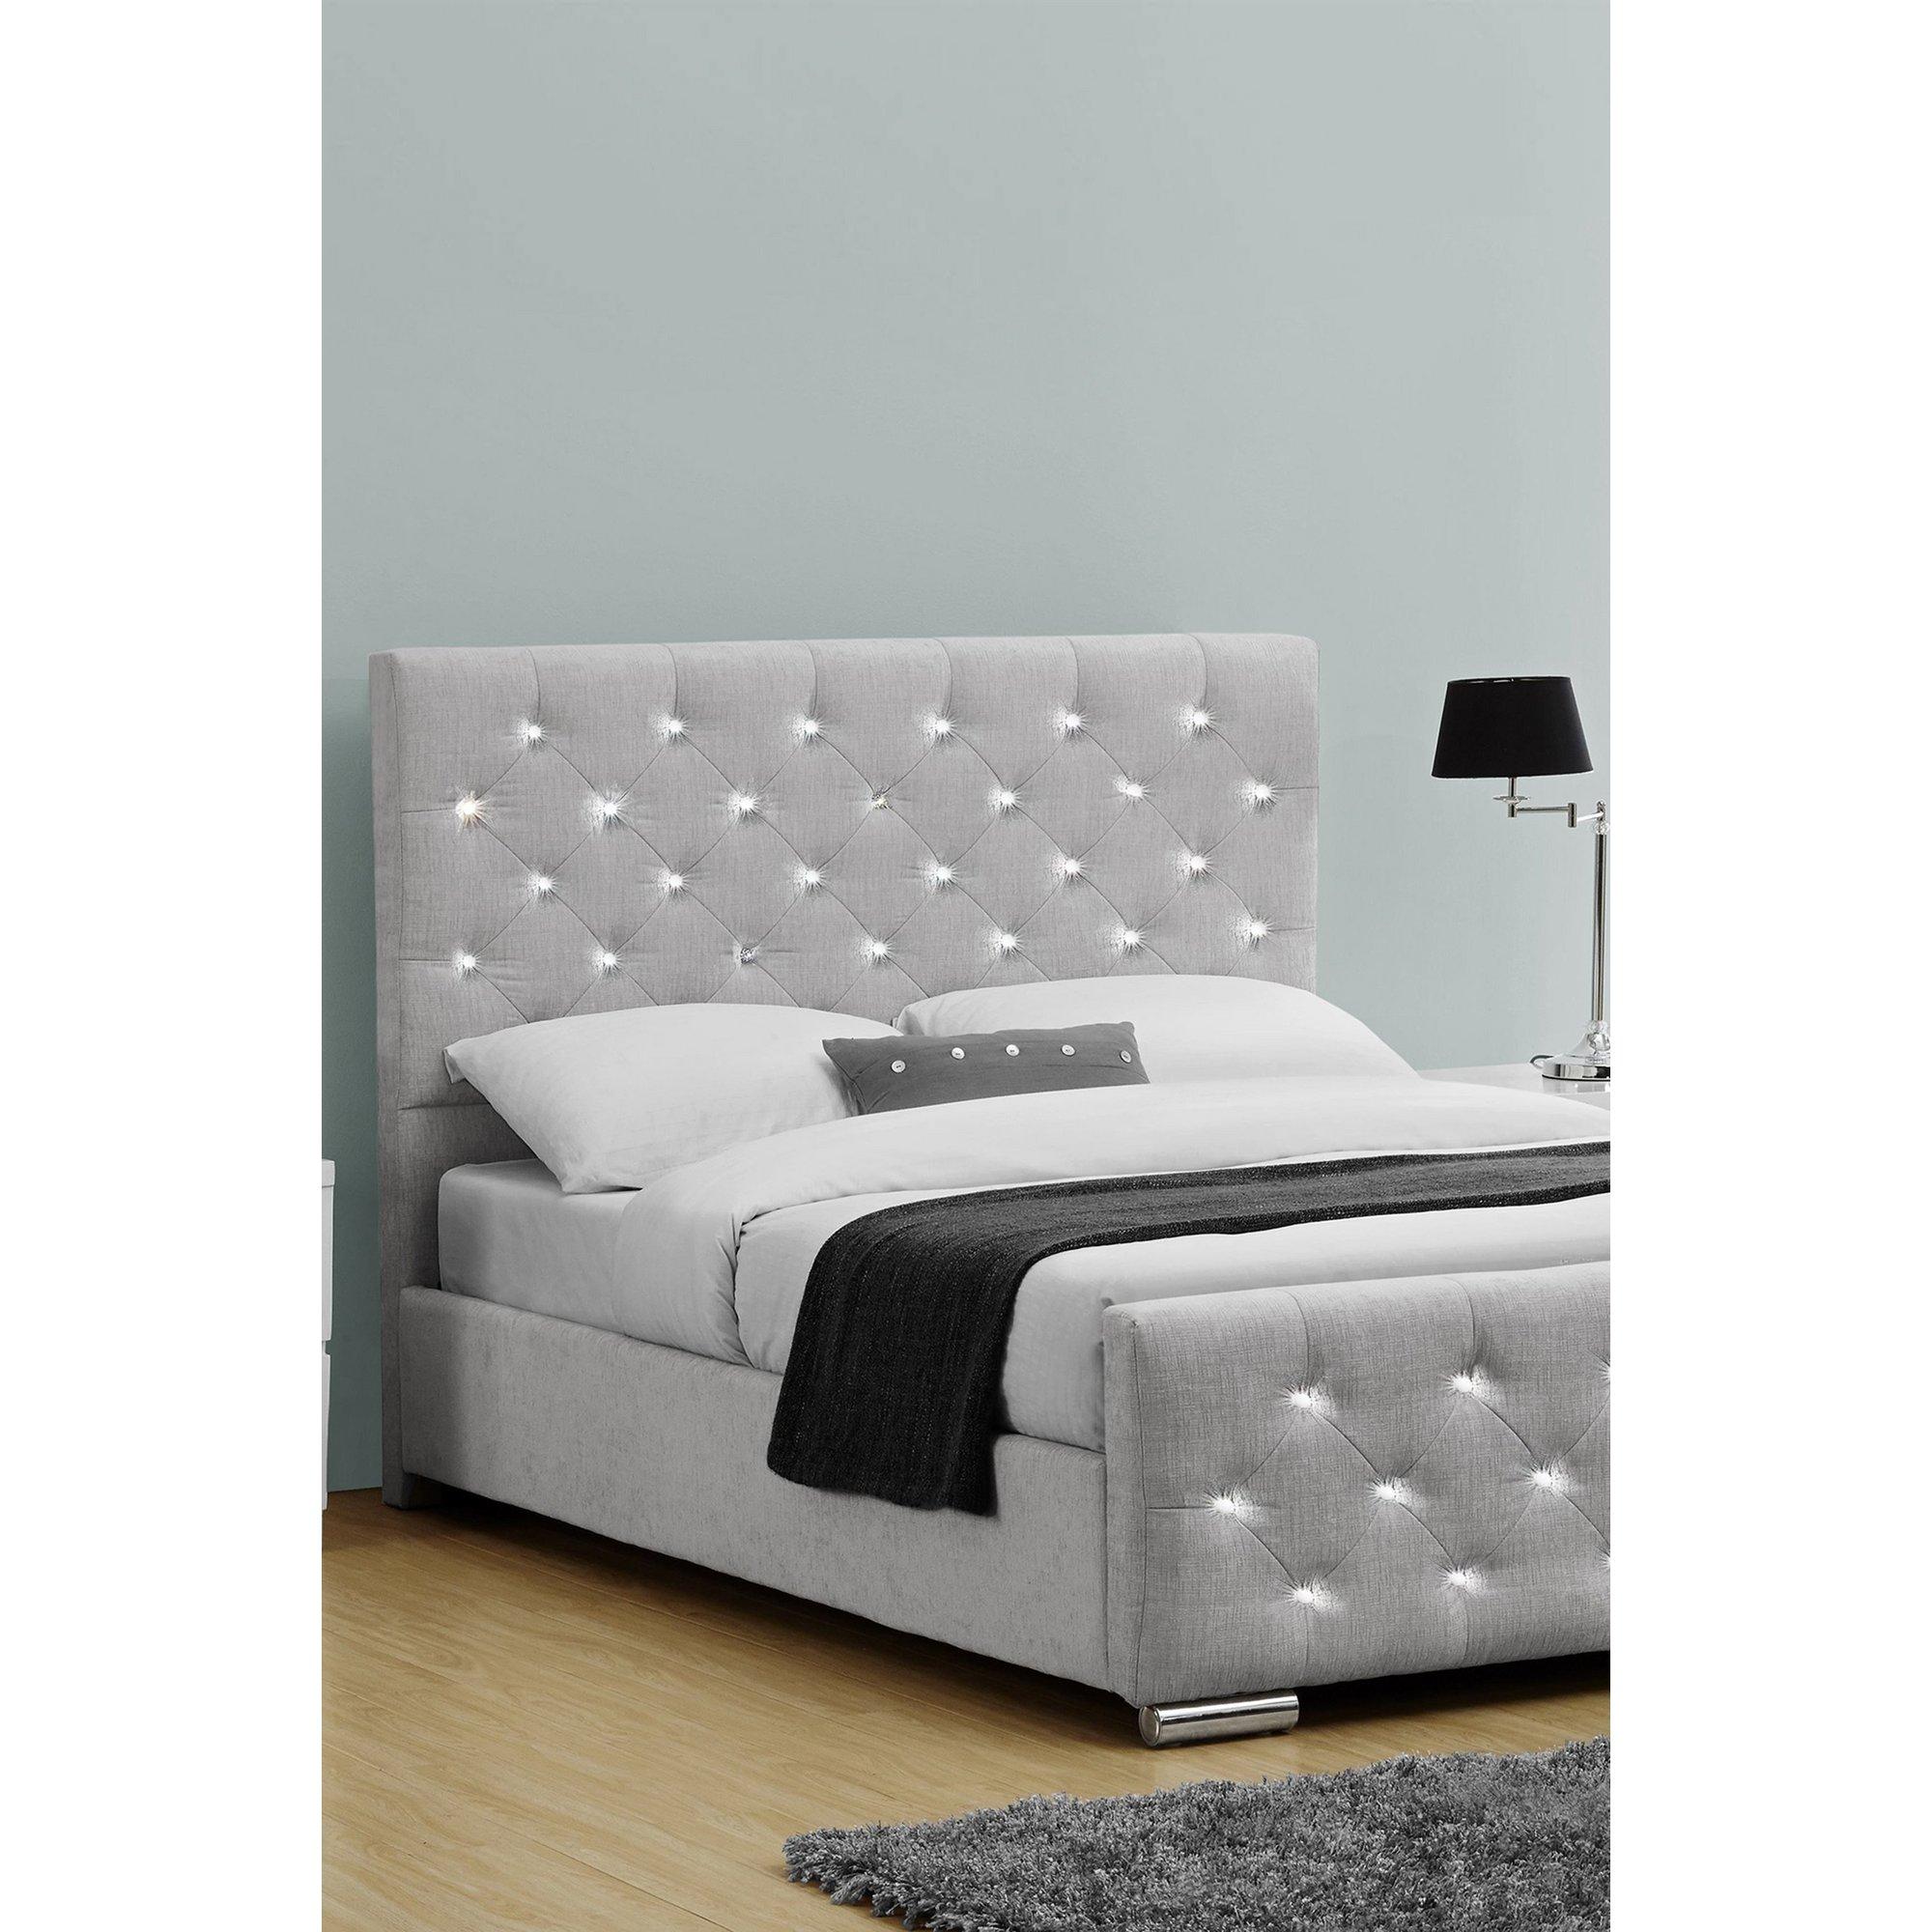 Image of Arabella Grey Linen Bed Frame